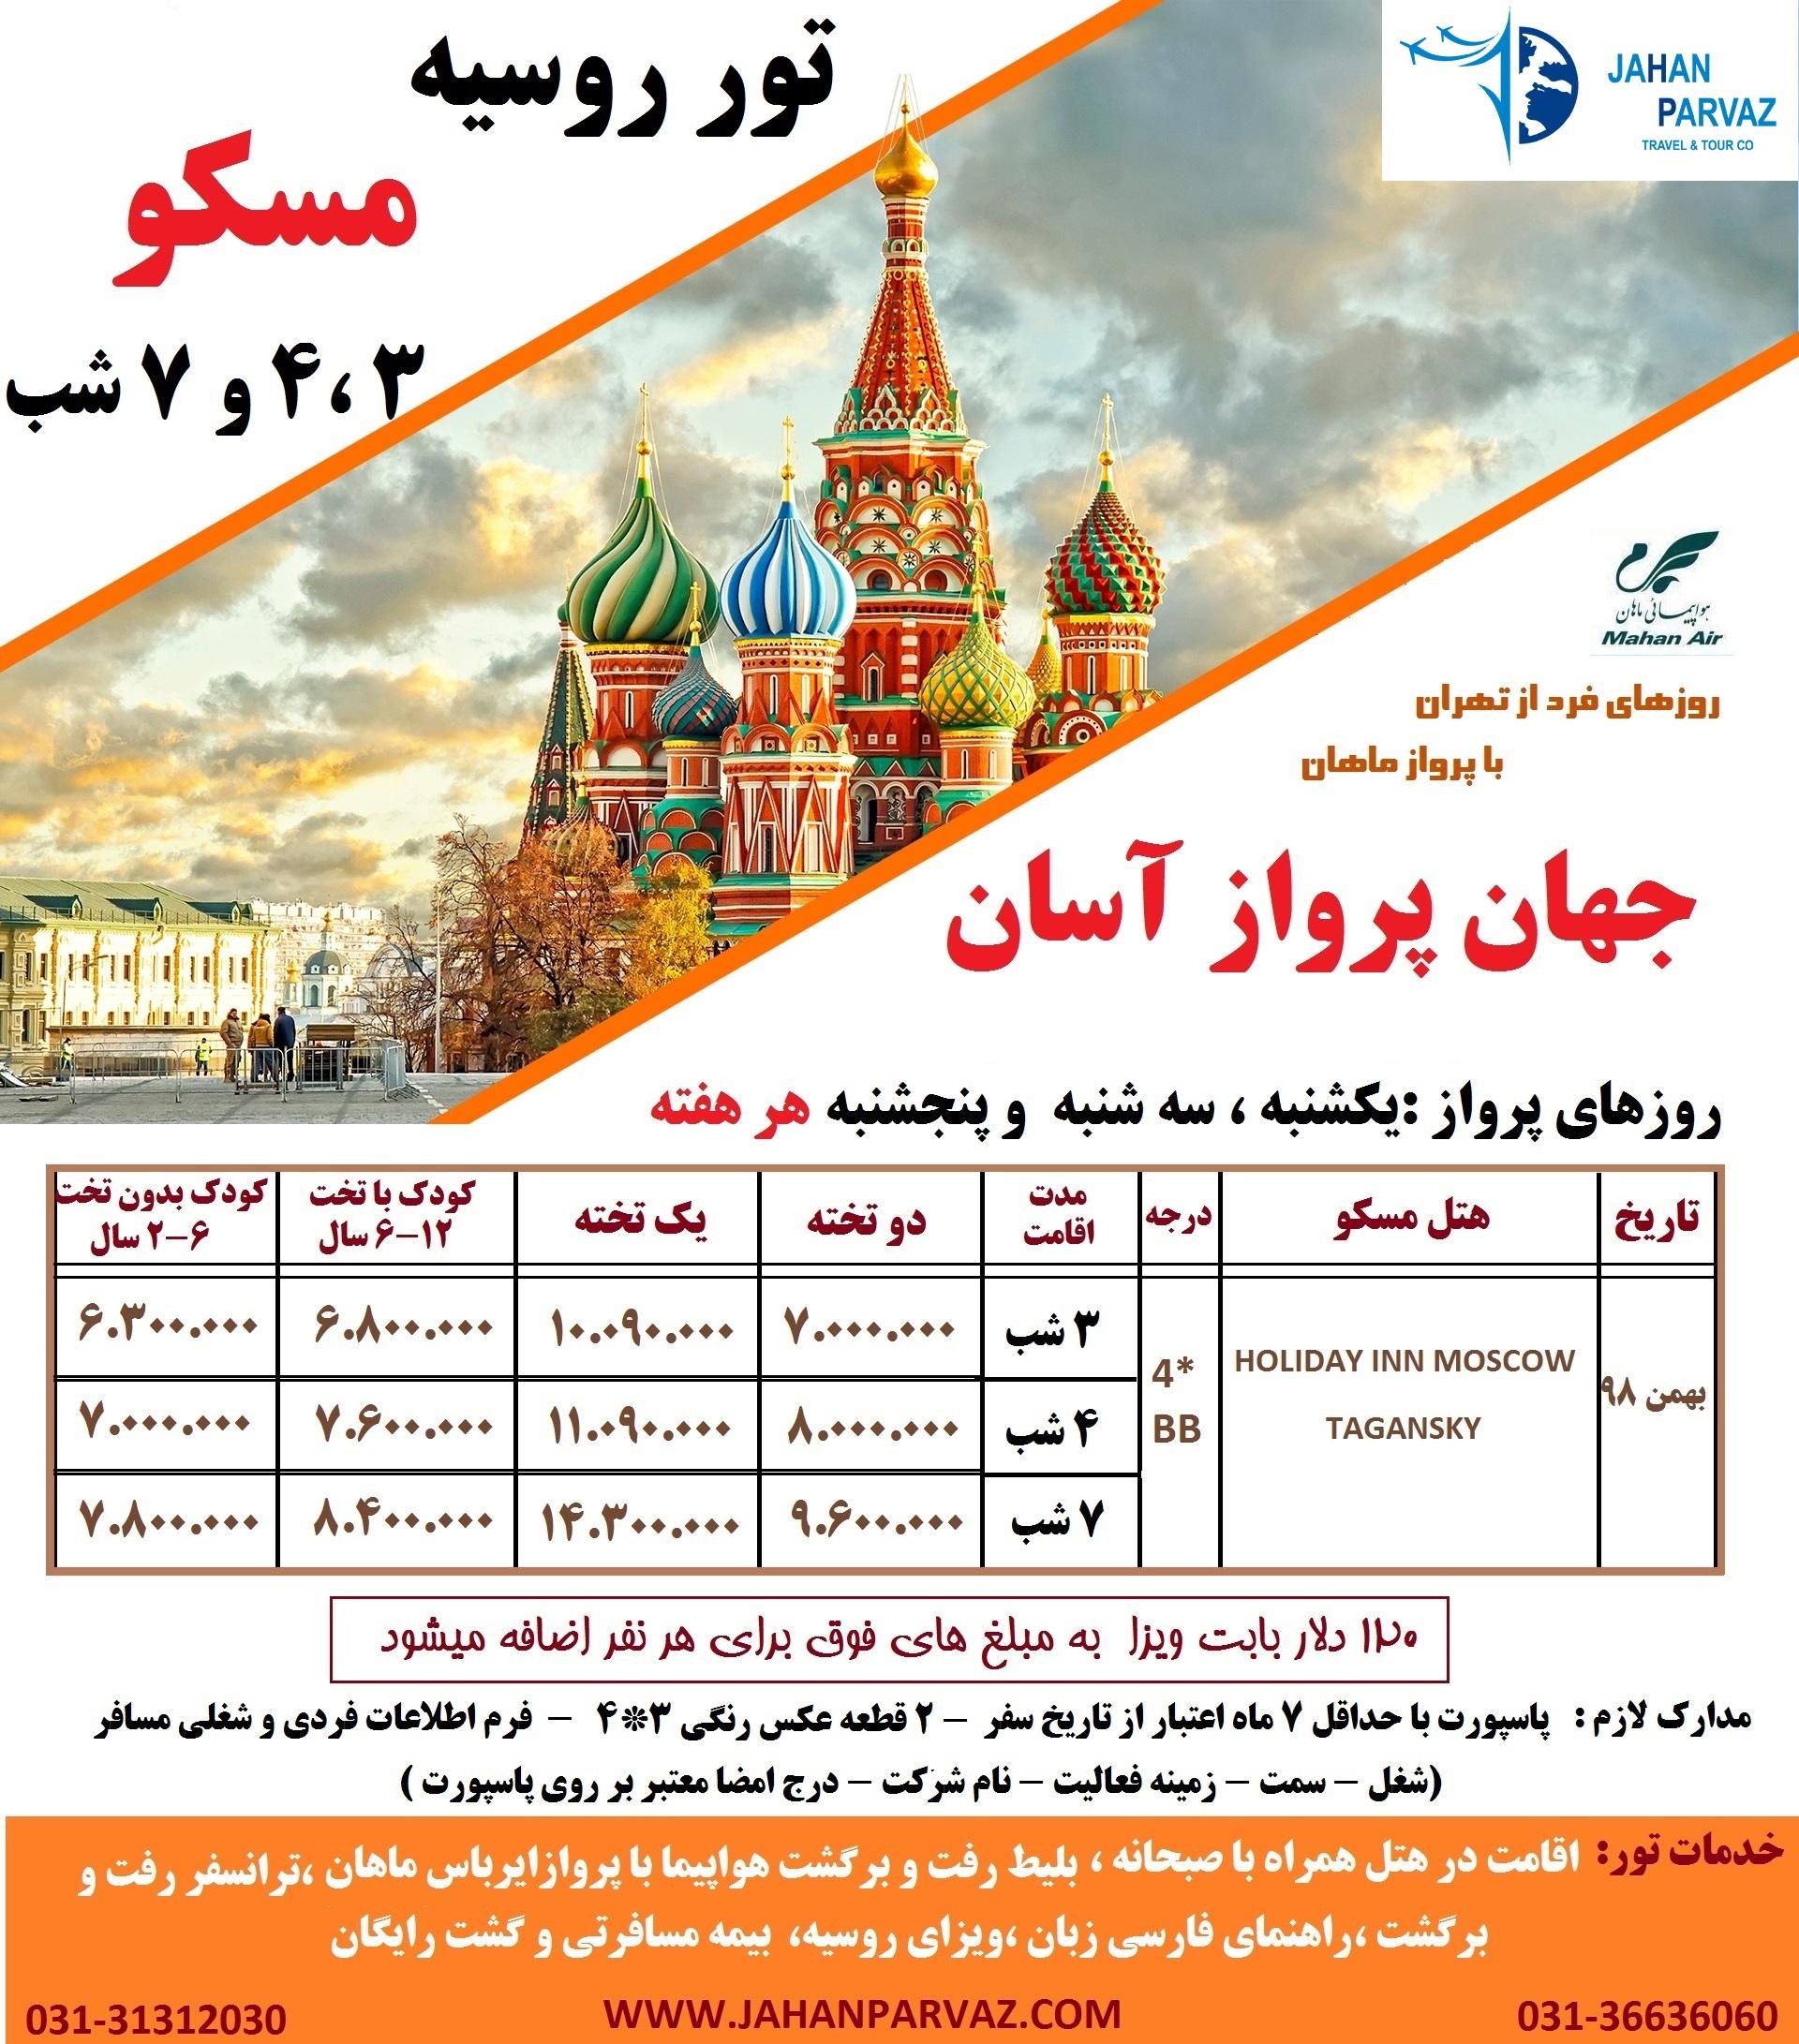 تور روسیه از تهران ویژه بهمن 98-جهان پرواز آسان